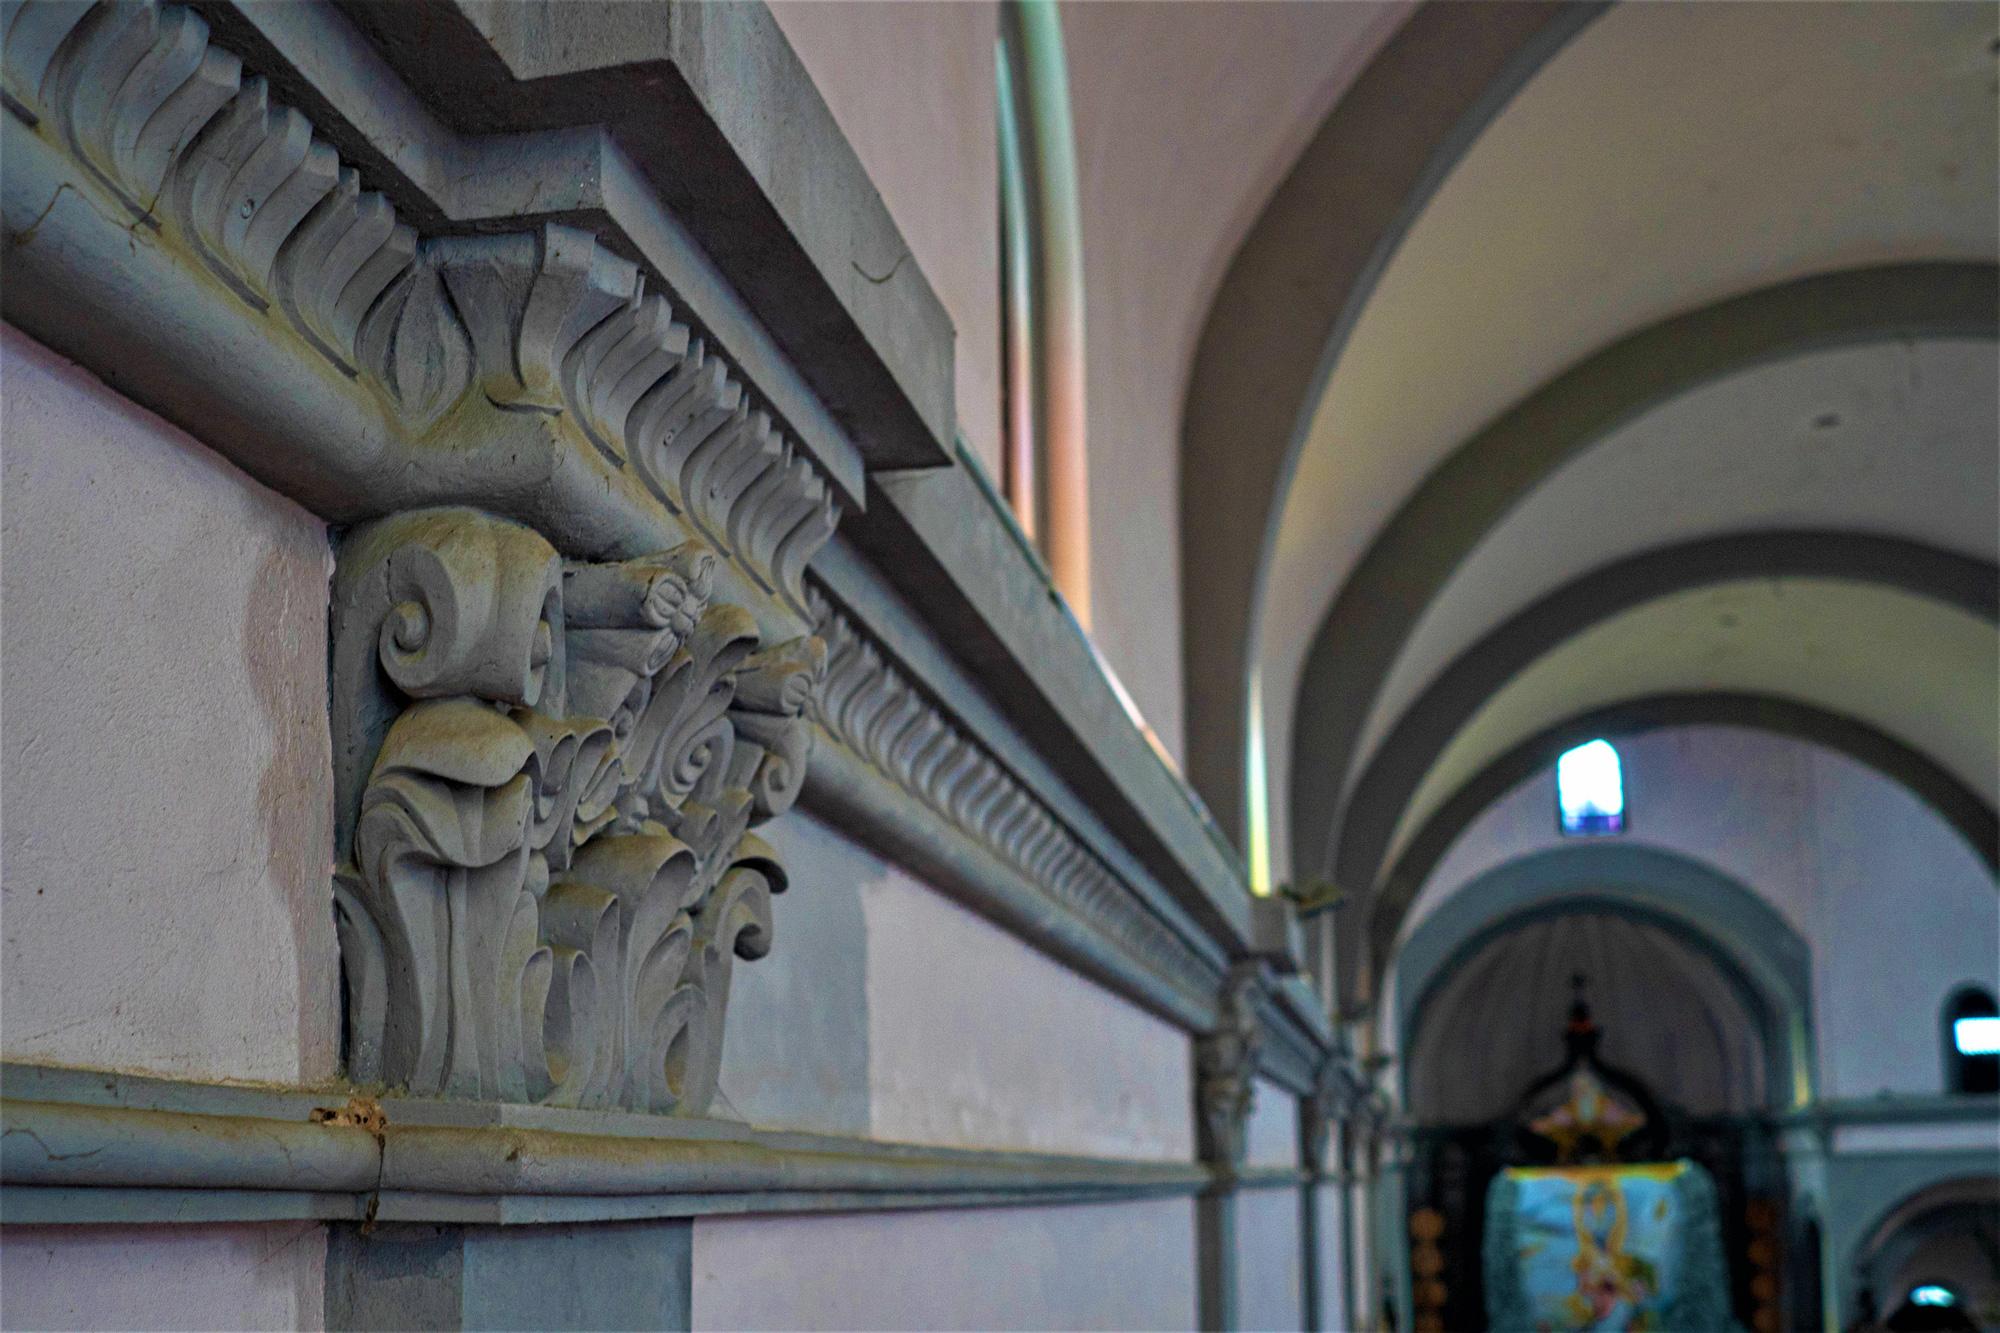 Về thăm nhà thờ Khoái Đồng, nơi thờ hiện thân của ông già Noel - Ảnh 16.